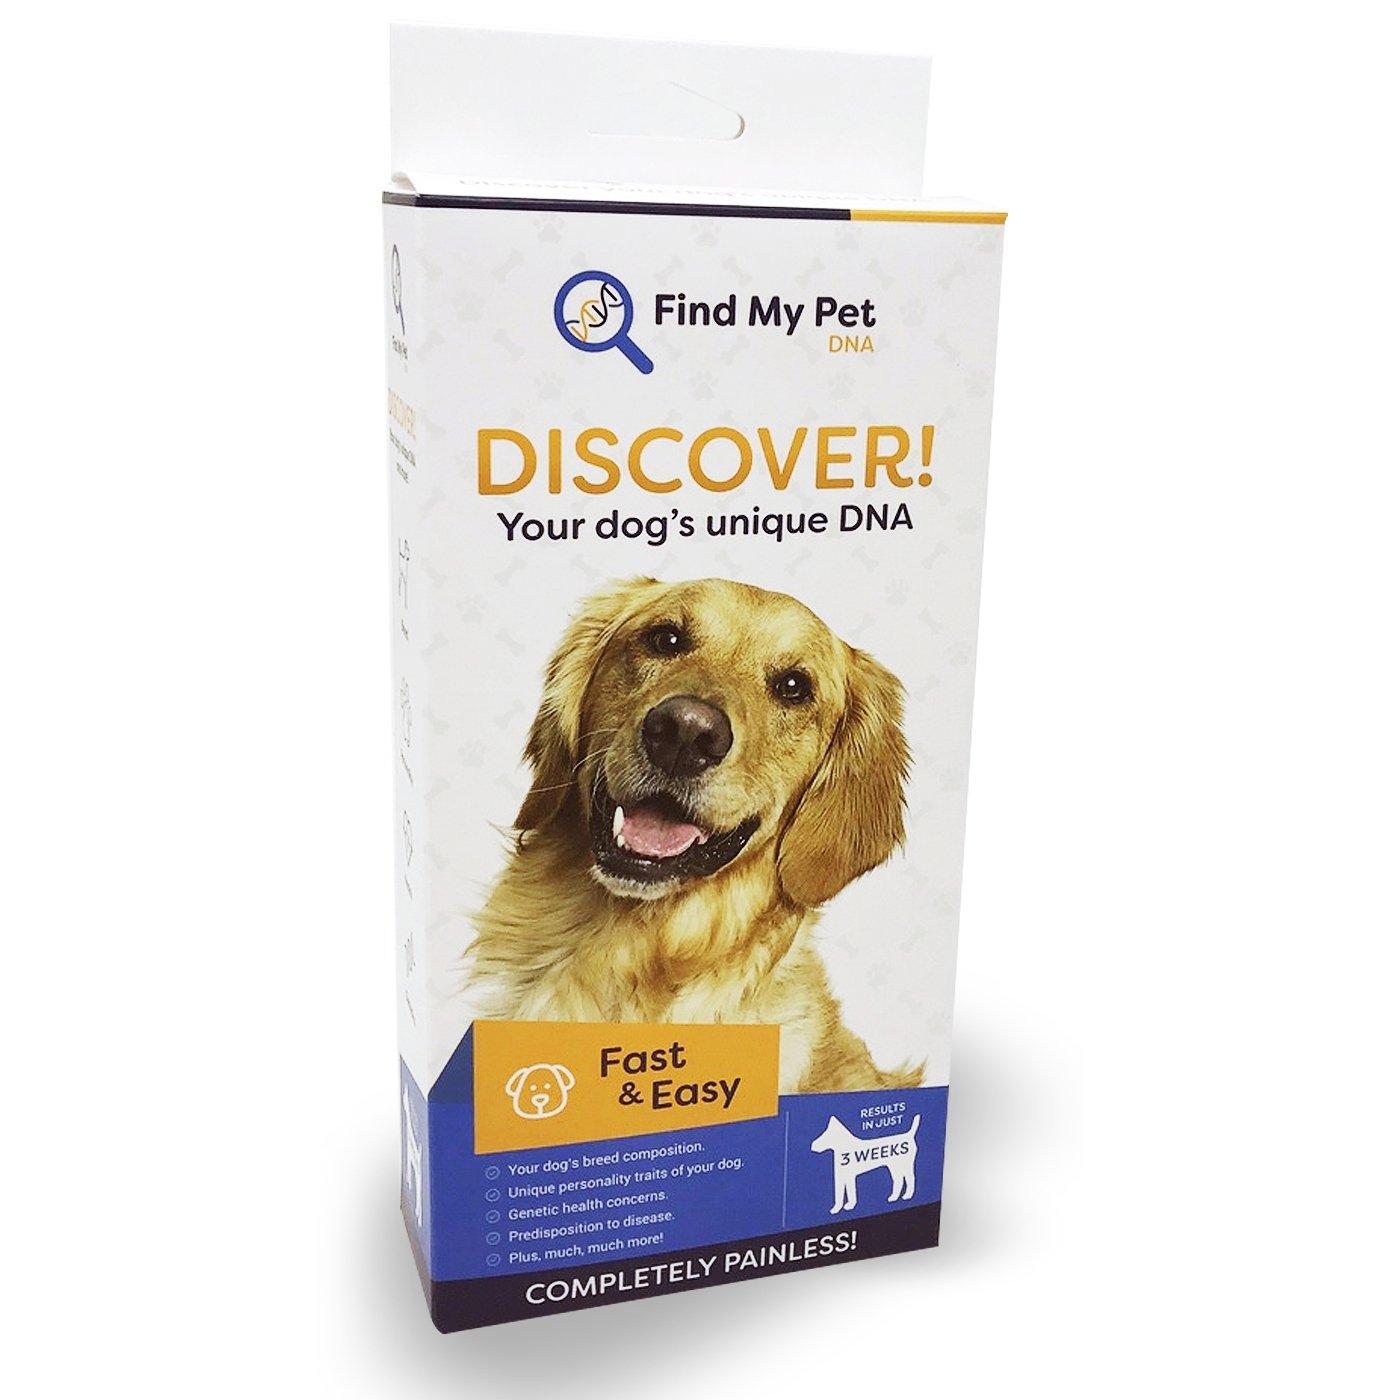 Find My Pet DNA 2.0 Dog DNA Test - Dog Breed Test kit, DNA Test for Dogs, k9 DNA Test, Your Dogs DNA Matters - 1 DNA Kit for Dogs (2 Pack)